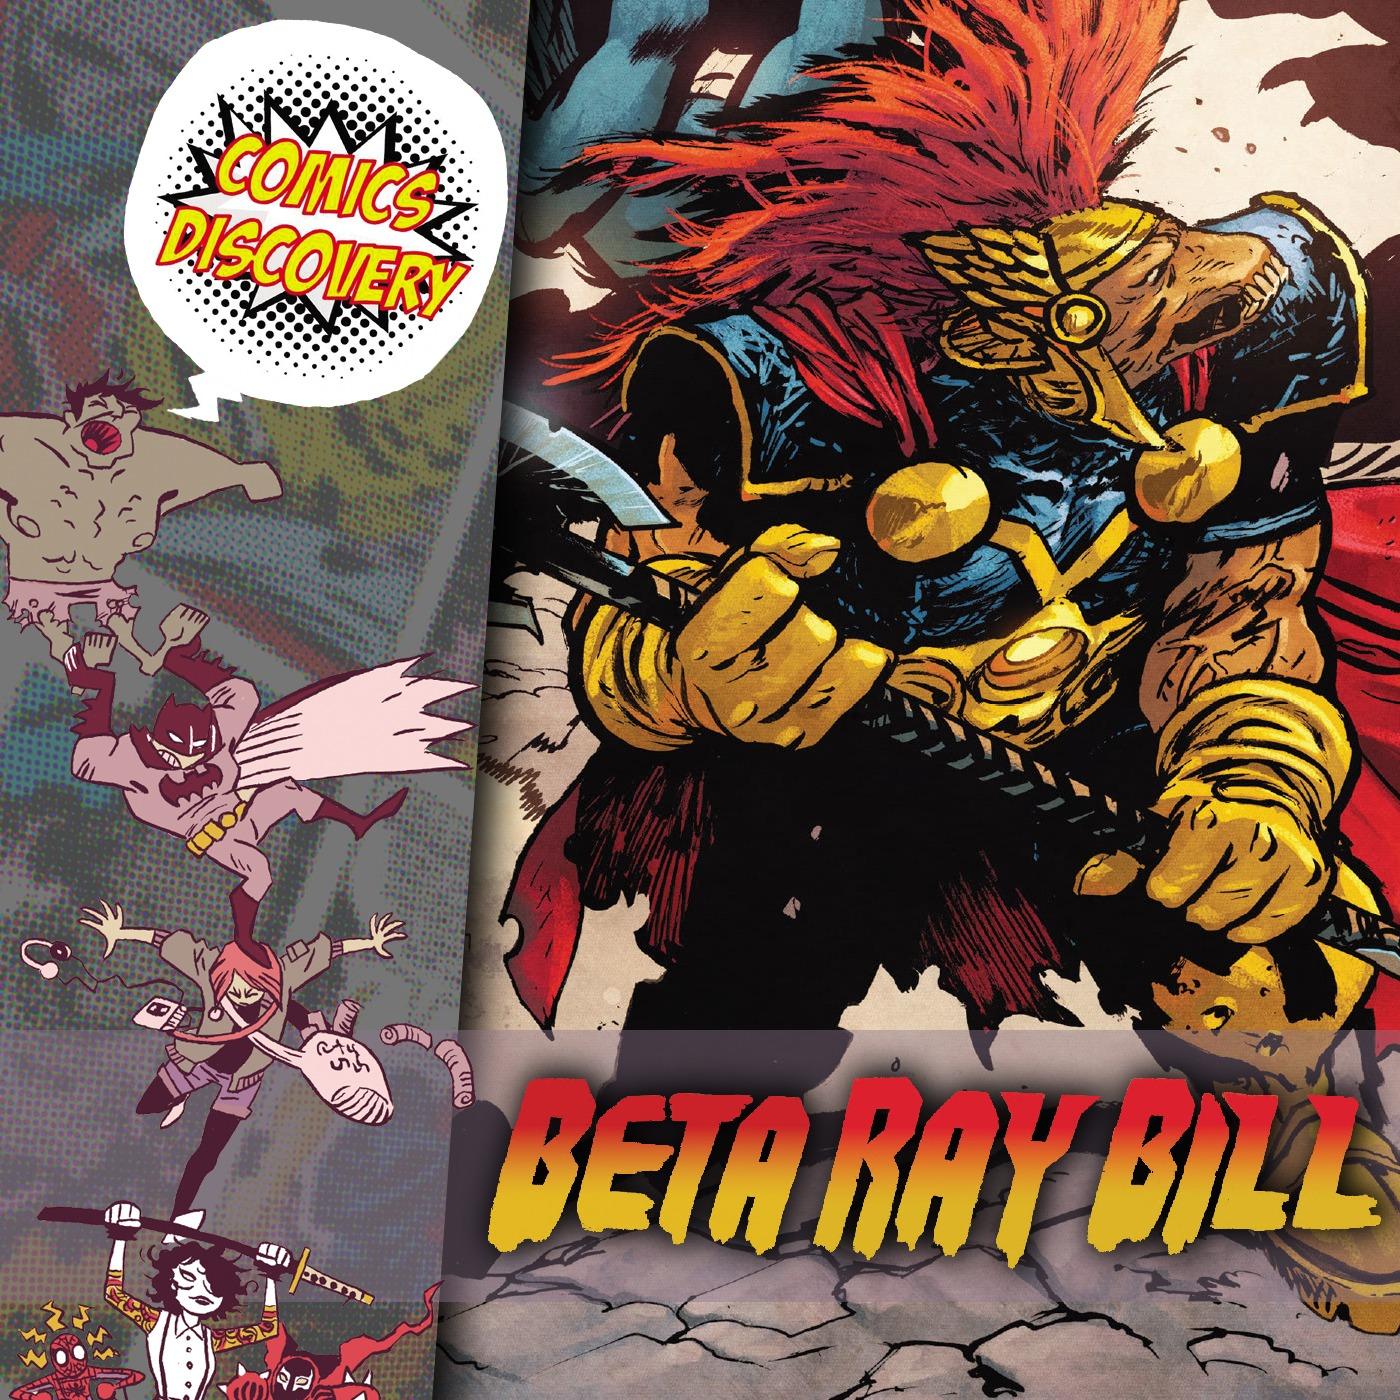 ComicsDiscovery S06E05 : Beta Ray Bill